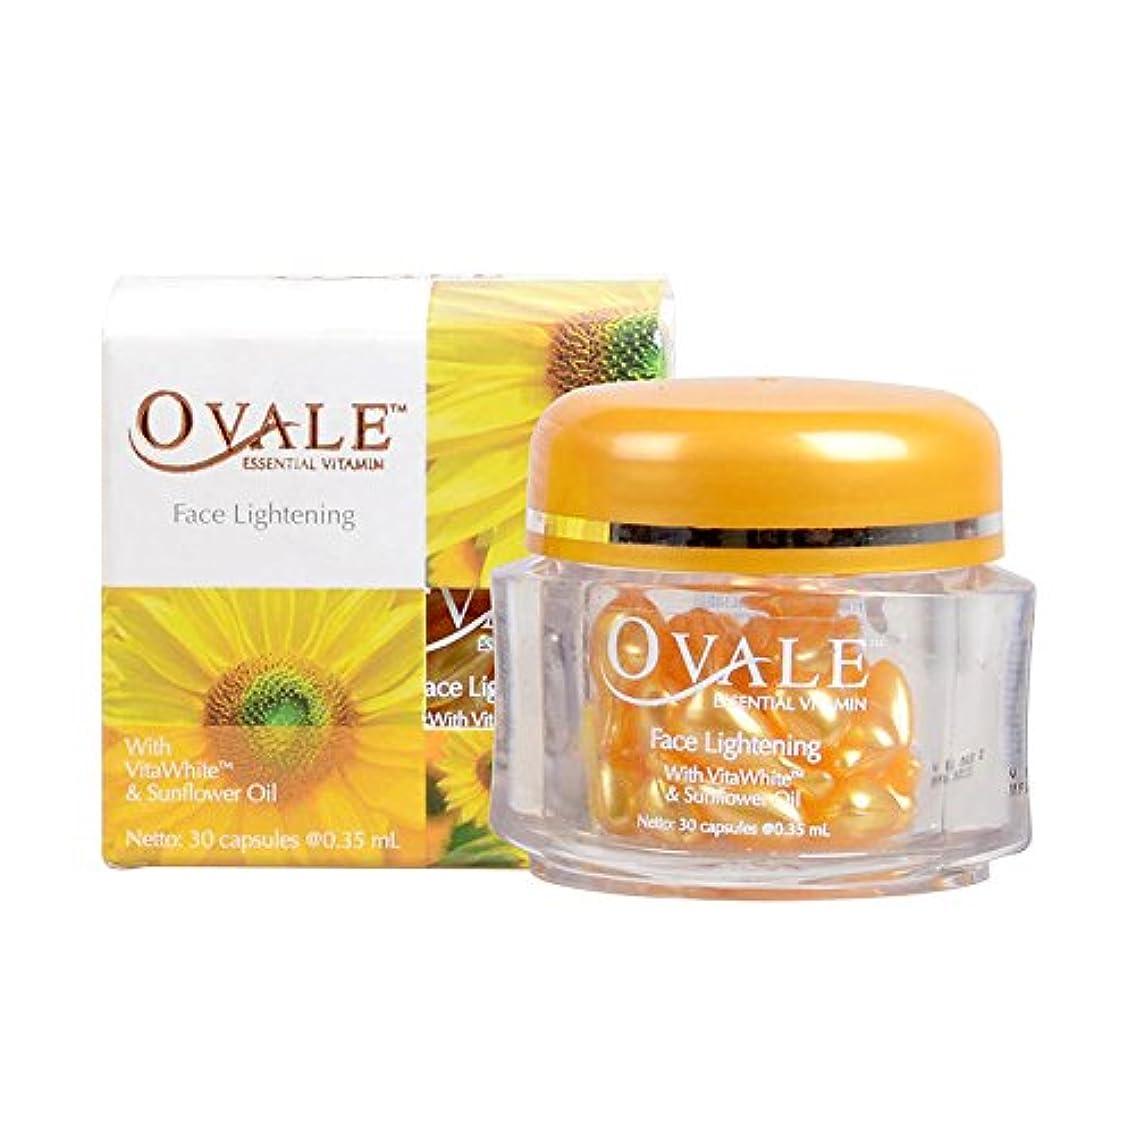 不愉快鋭く忌避剤Ovale オーバル フェイシャル美容液 essential vitamin エッセンシャルビタミン 30粒入ボトル×2個 サンフラワー [海外直送品]